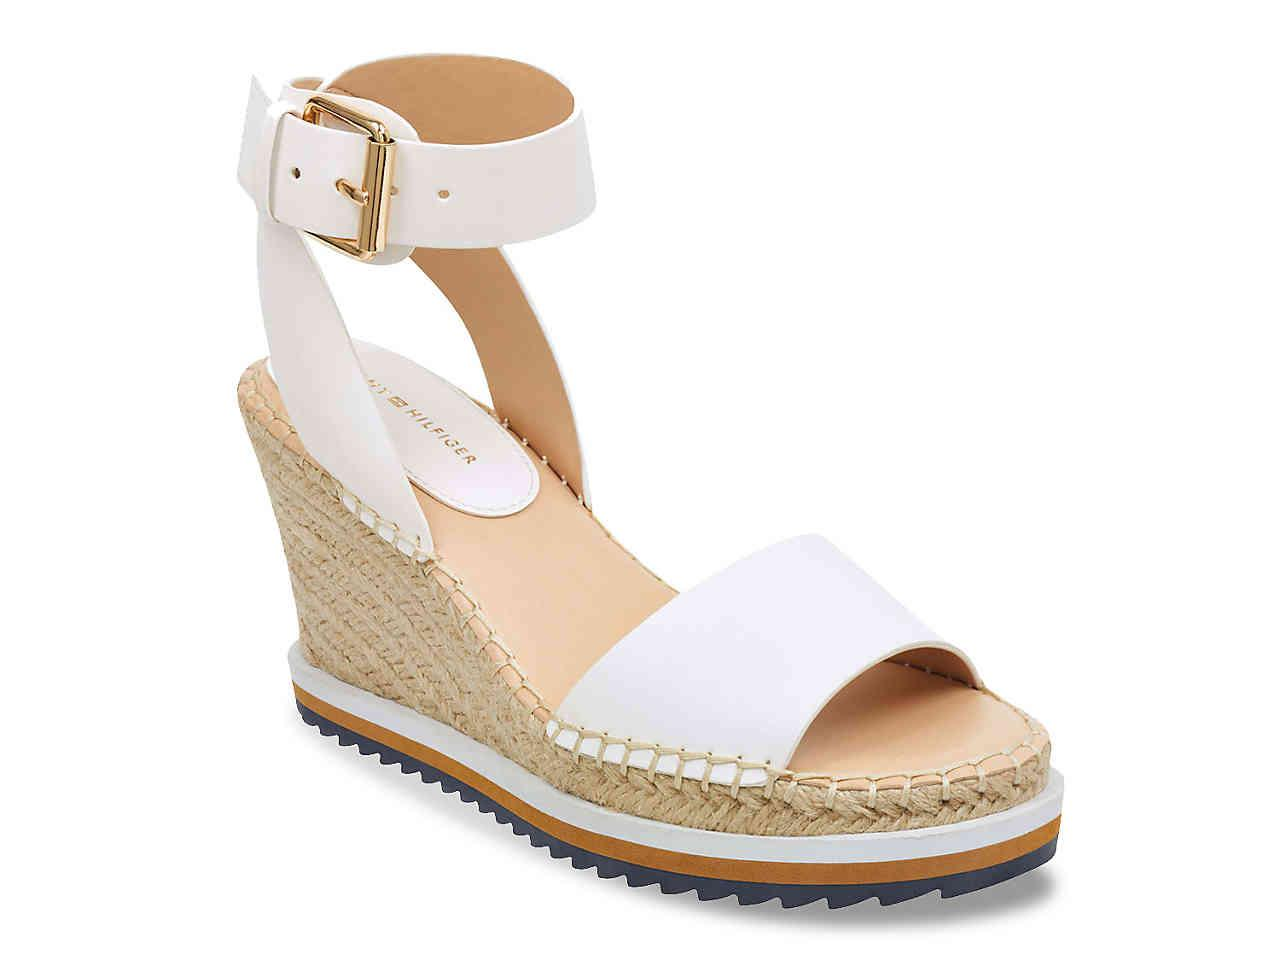 2f8de574618 Lyst - Tommy Hilfiger Yaslin 3 Wedge Sandal in White